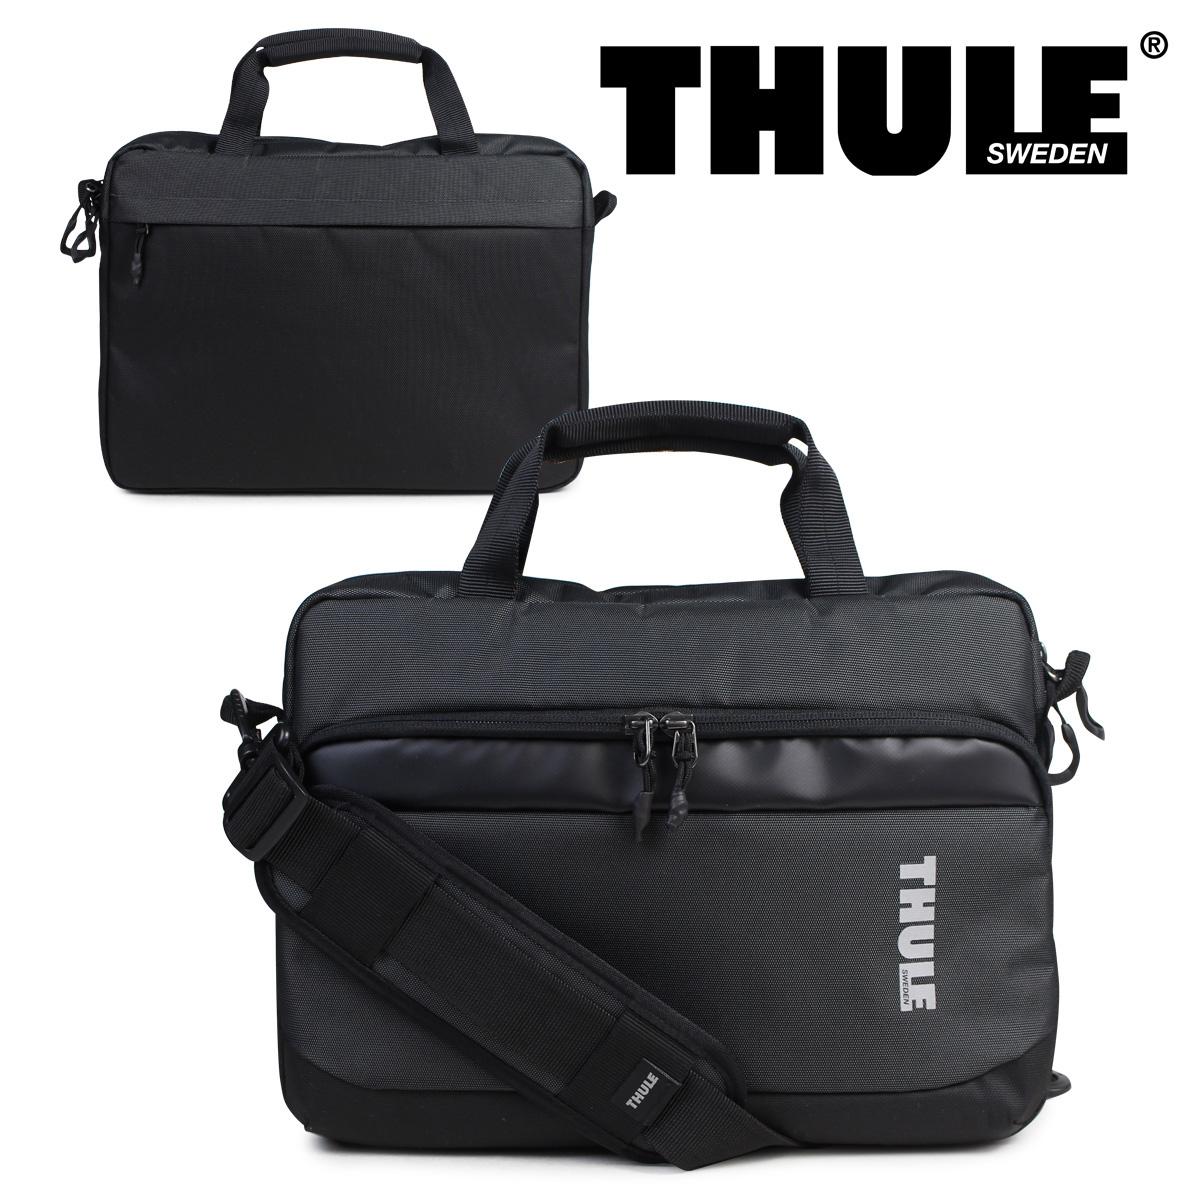 スーリー THULE バック ビジネス バッグ メンズ SUBTERRA 13 TSAE2113 32029531 グレー [177]